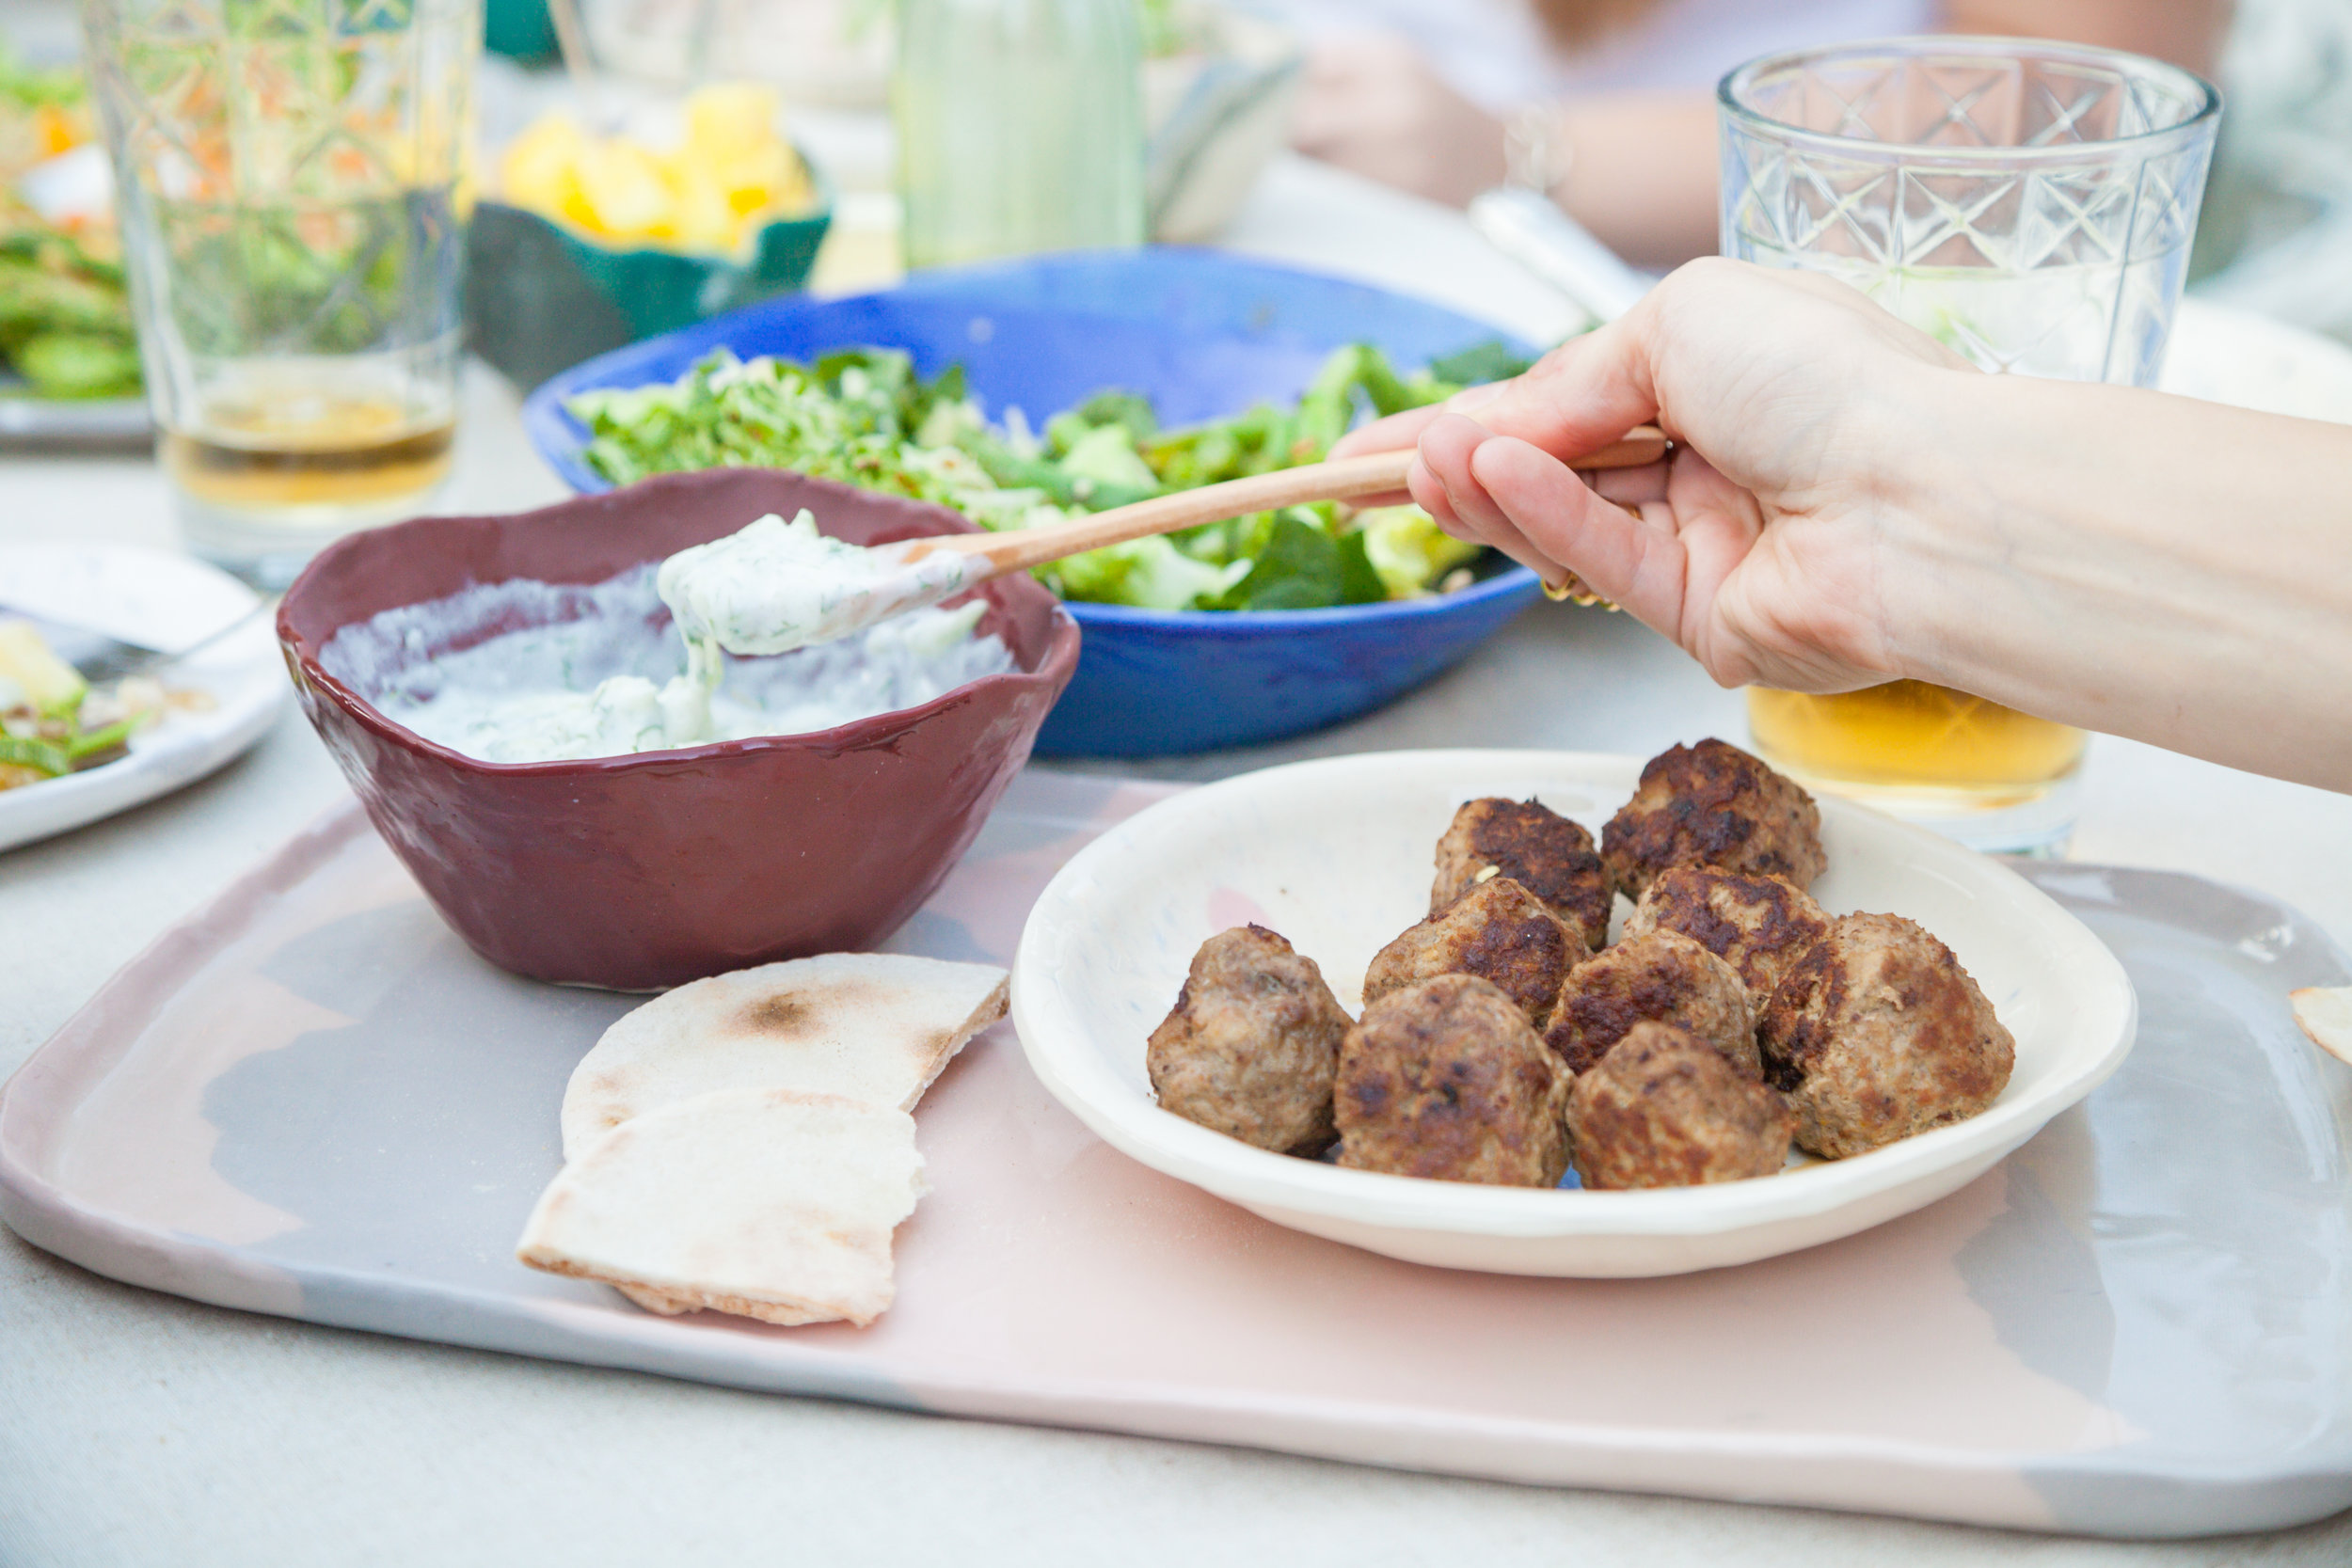 Tzatziki acompañando pan pita, y bolitas de carne molida con especies y hierbas.